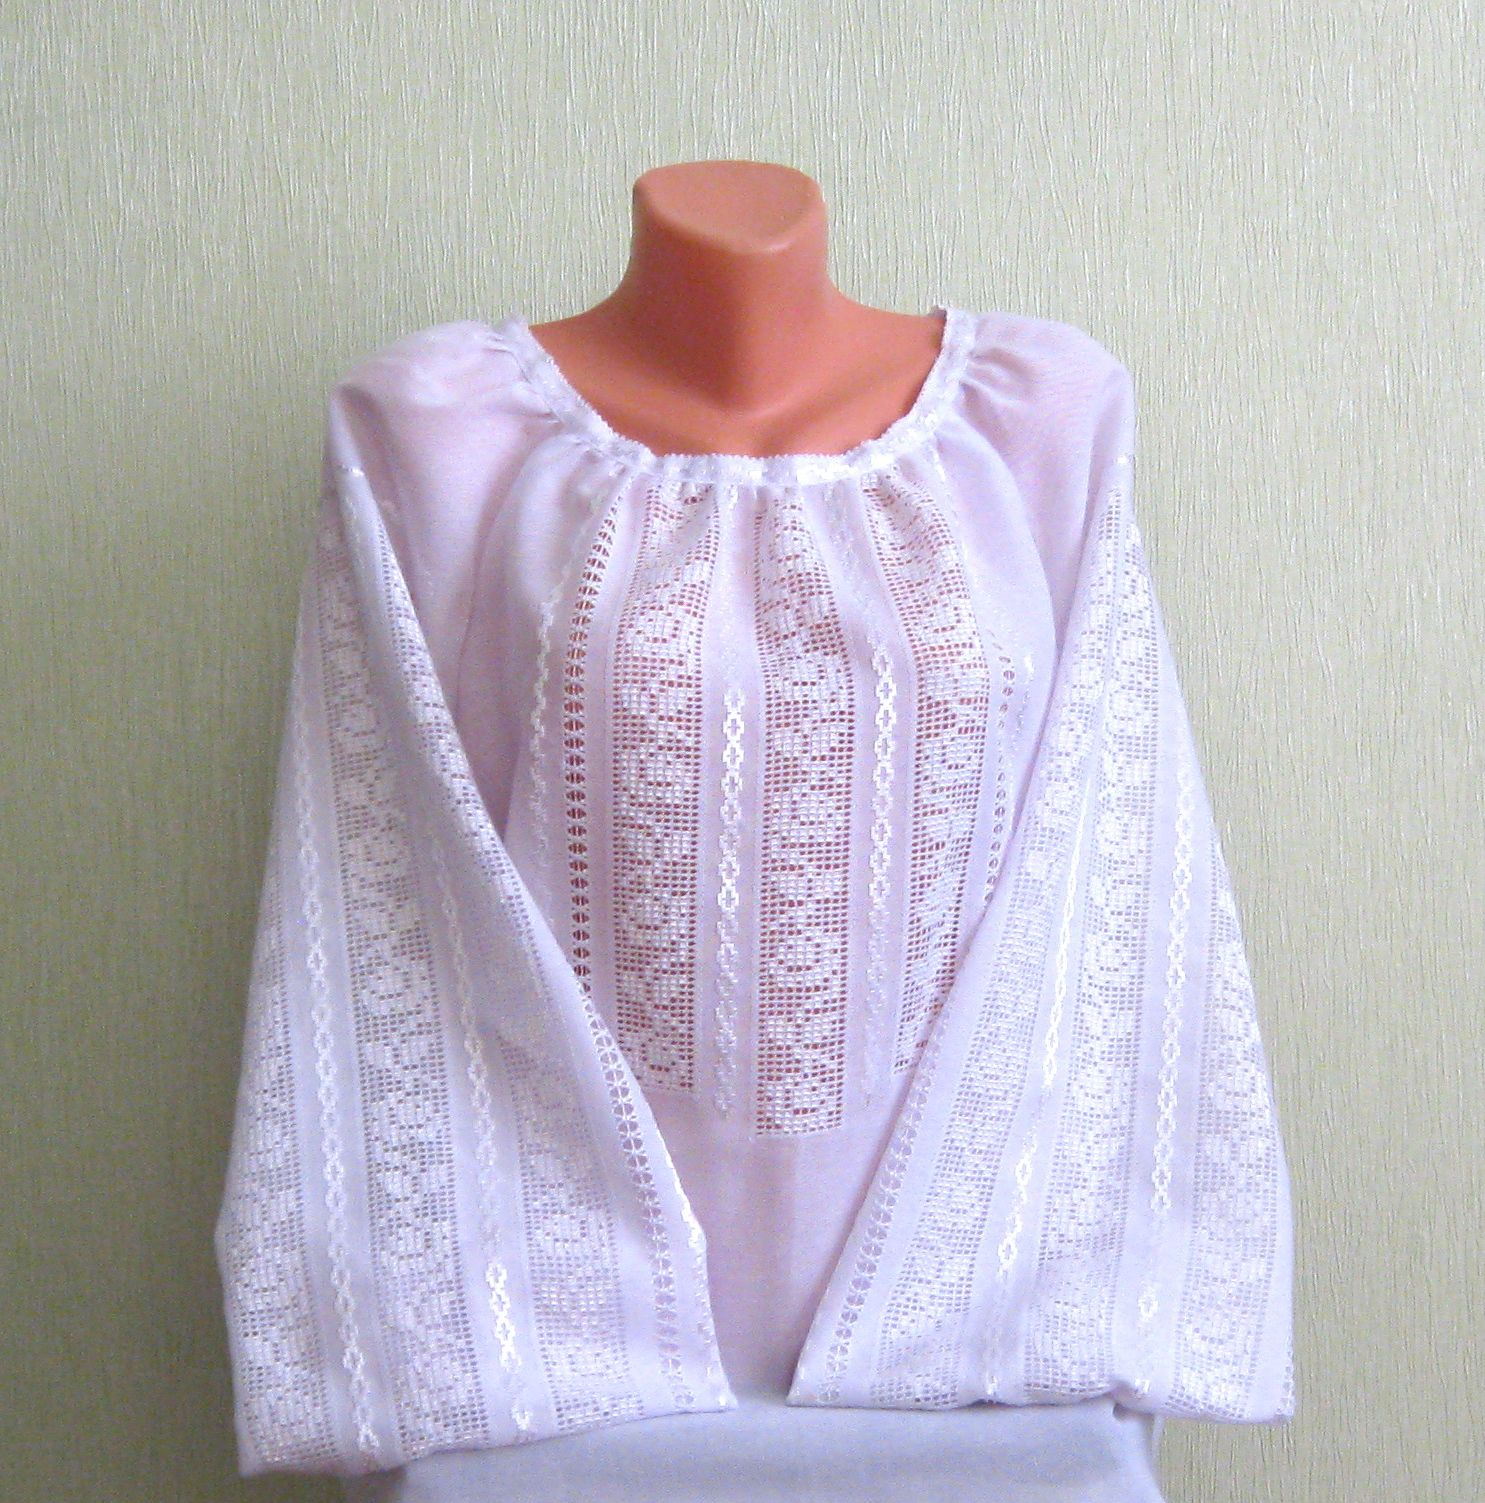 Жіноча вишиванка білим по білому ручної роботи - Товари - Вишиванки ... c5f3b6de80497